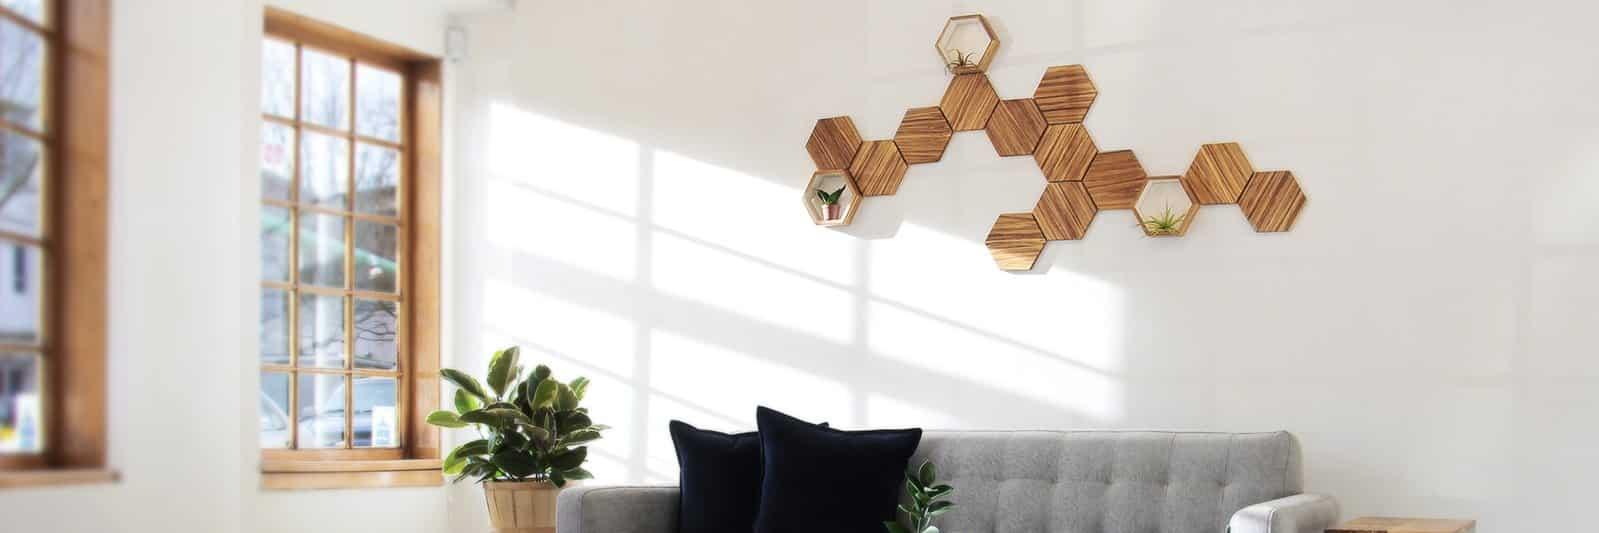 Palillos chinos desechables, convertidos en espectaculares diseños de mobiliario | Miscelánea